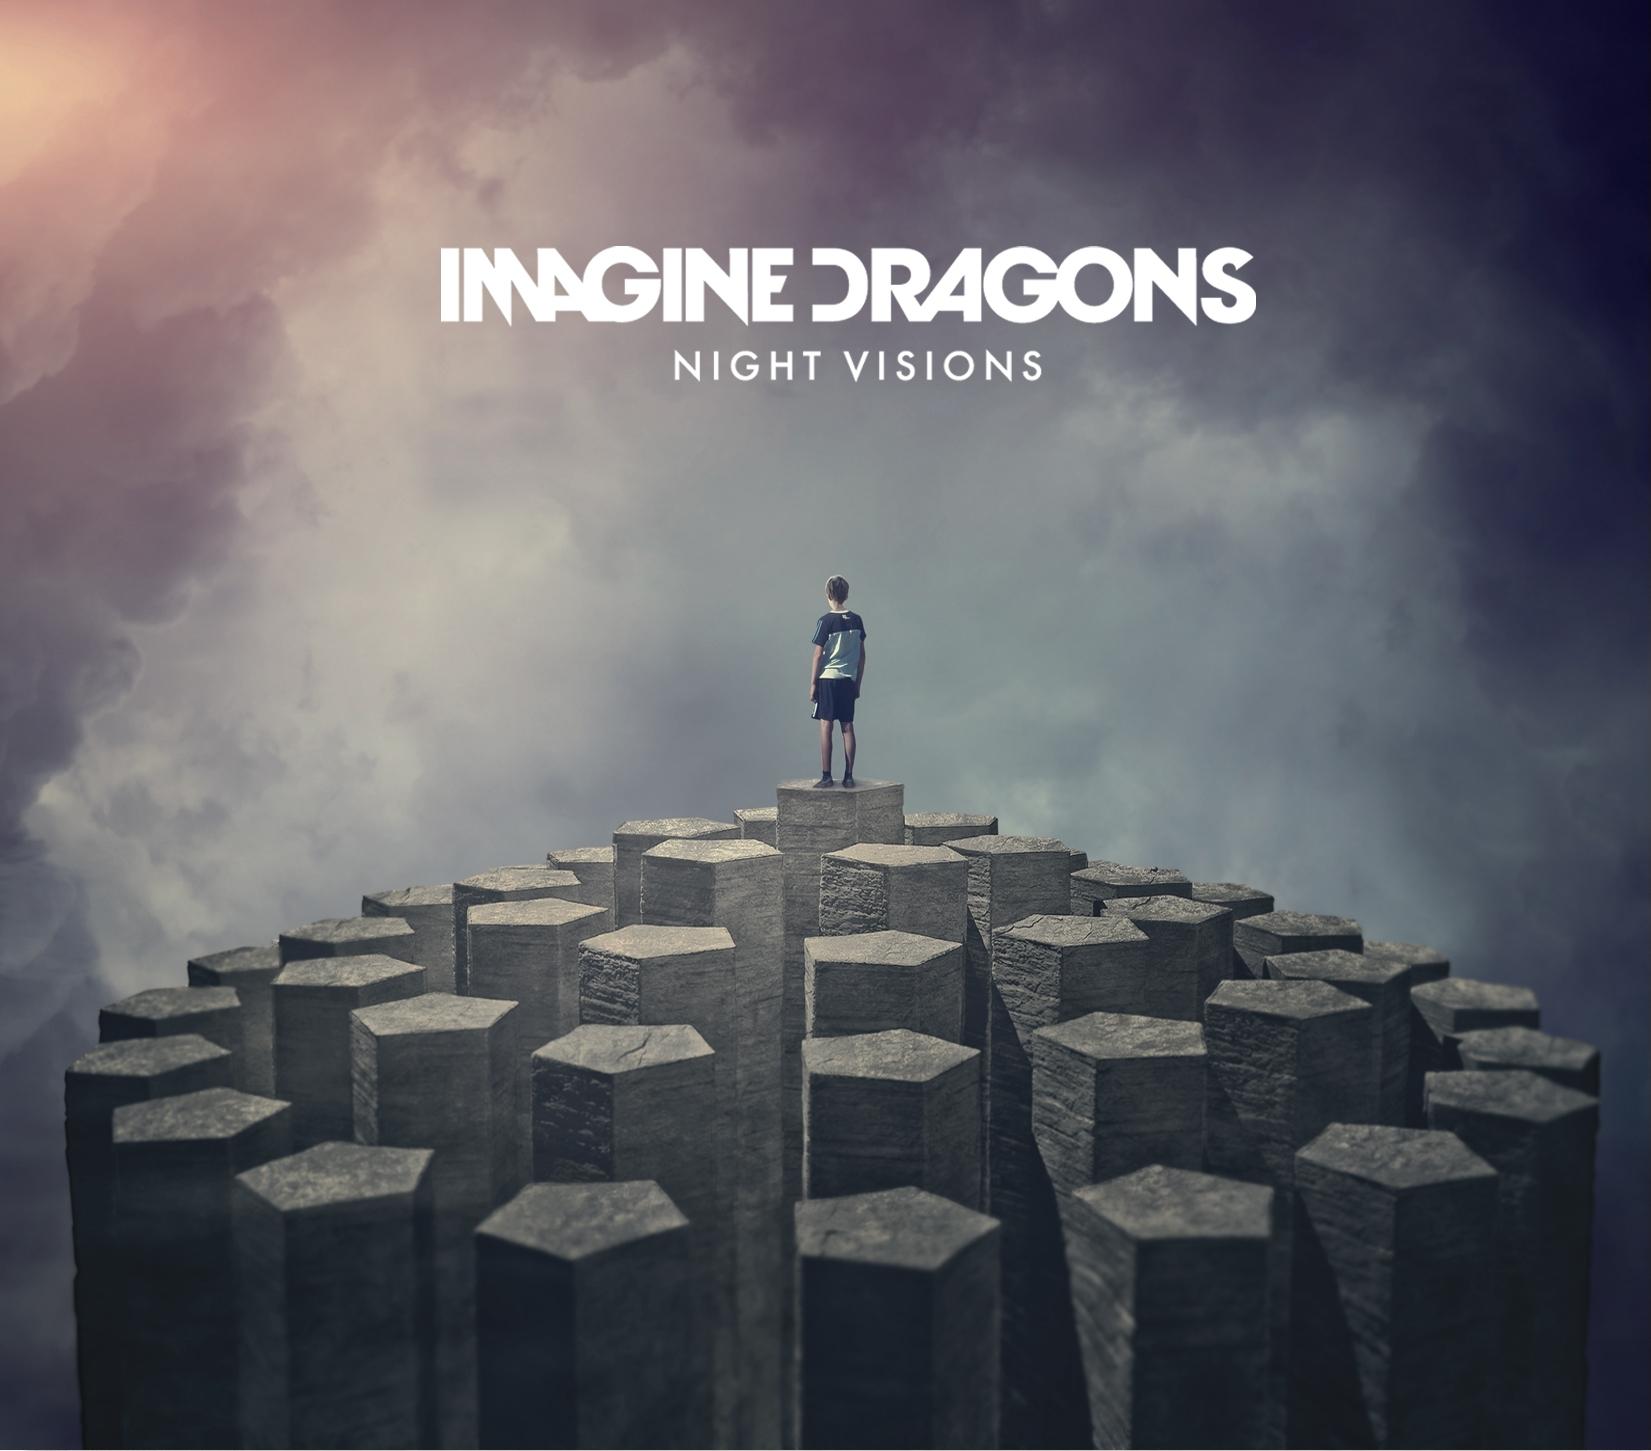 Imagine Dragons, 'Night Visions' album cover